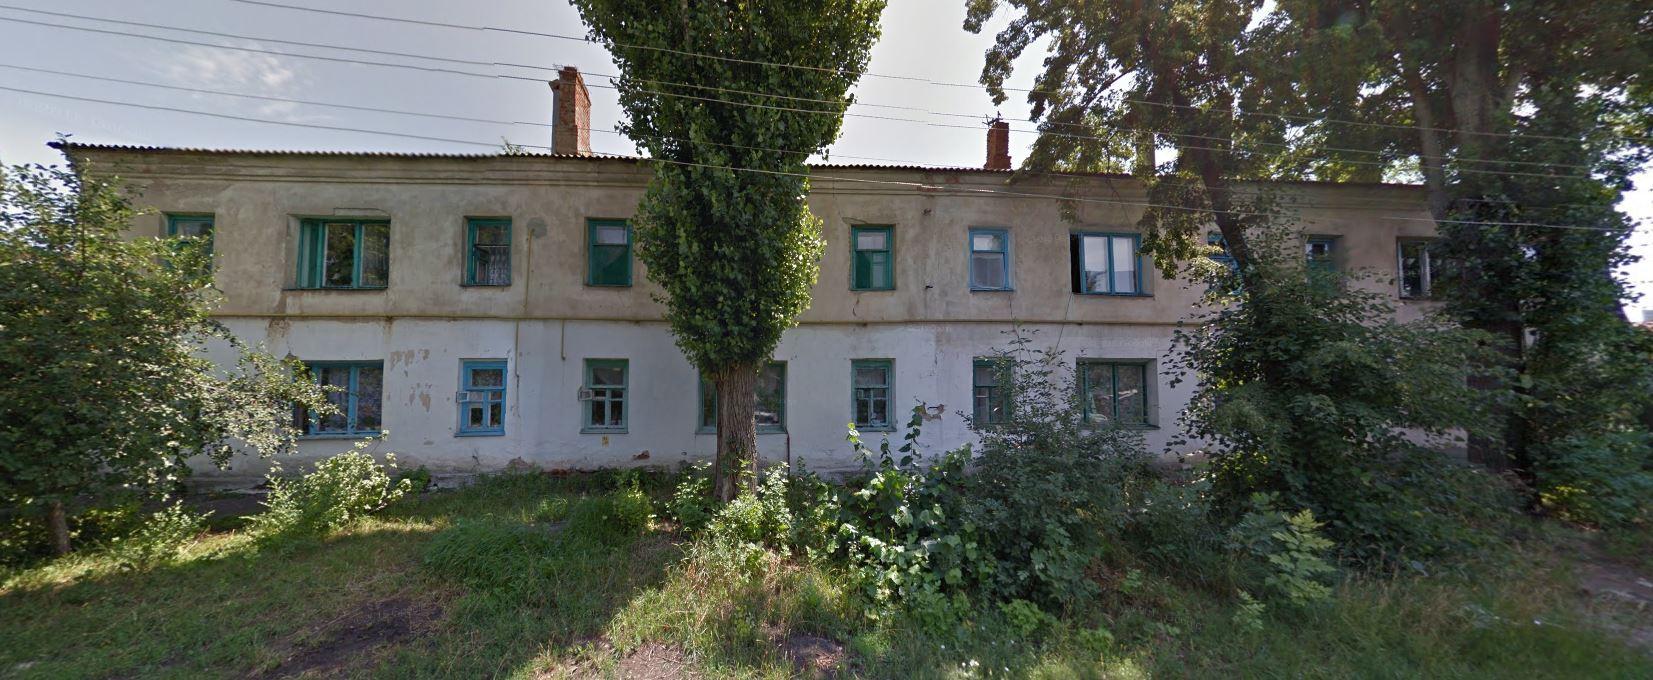 что было на месте дома по ул. Парижской Коммуны, 81